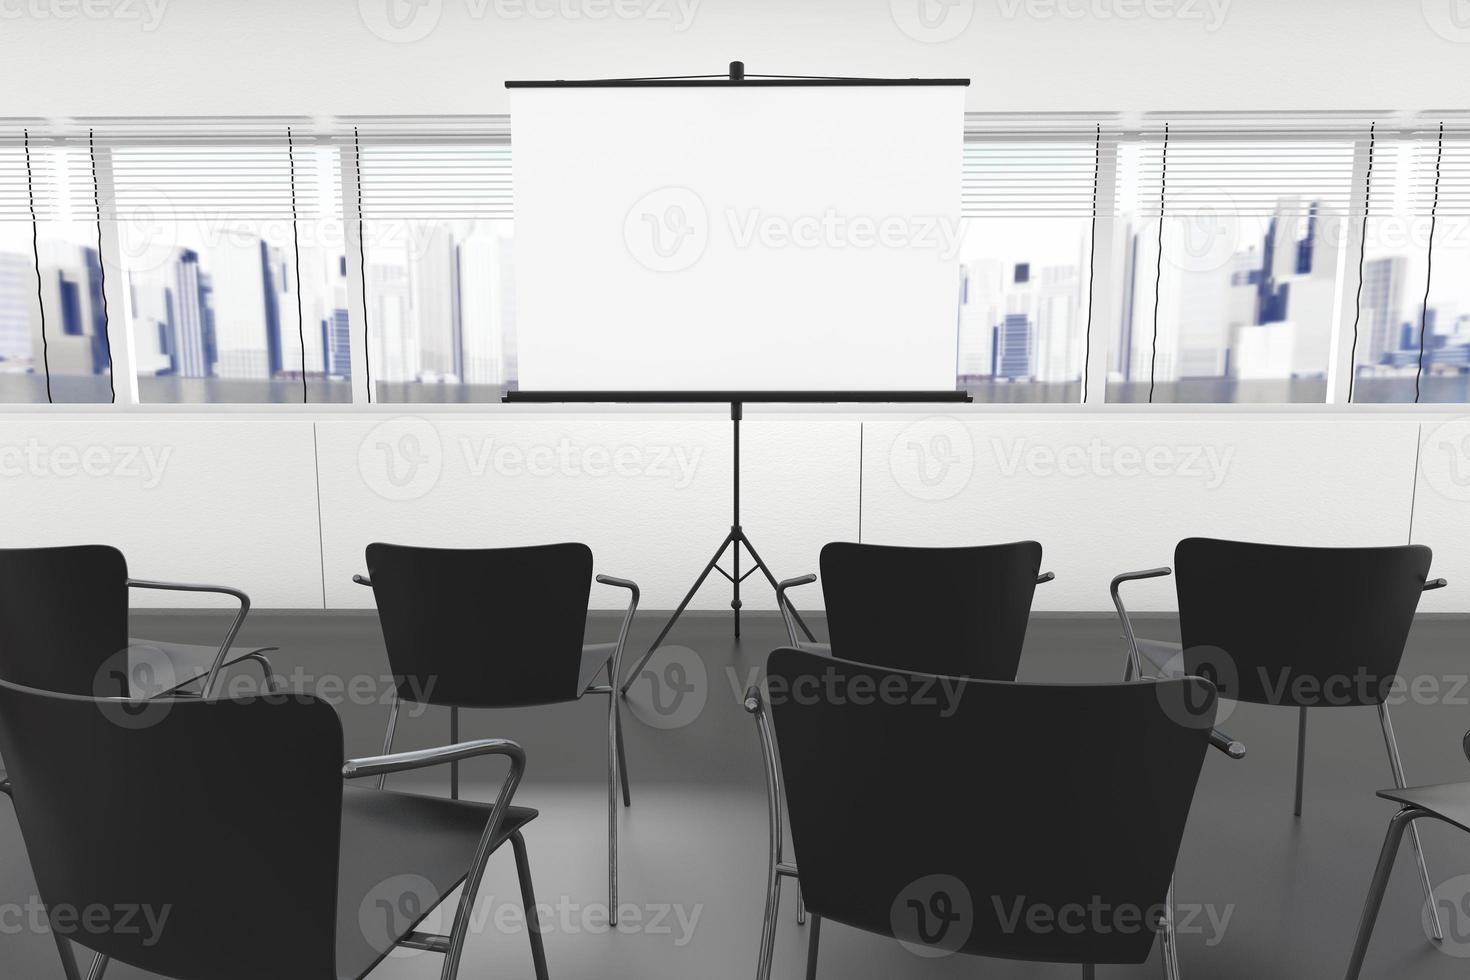 projektionsskärm och stolar foto